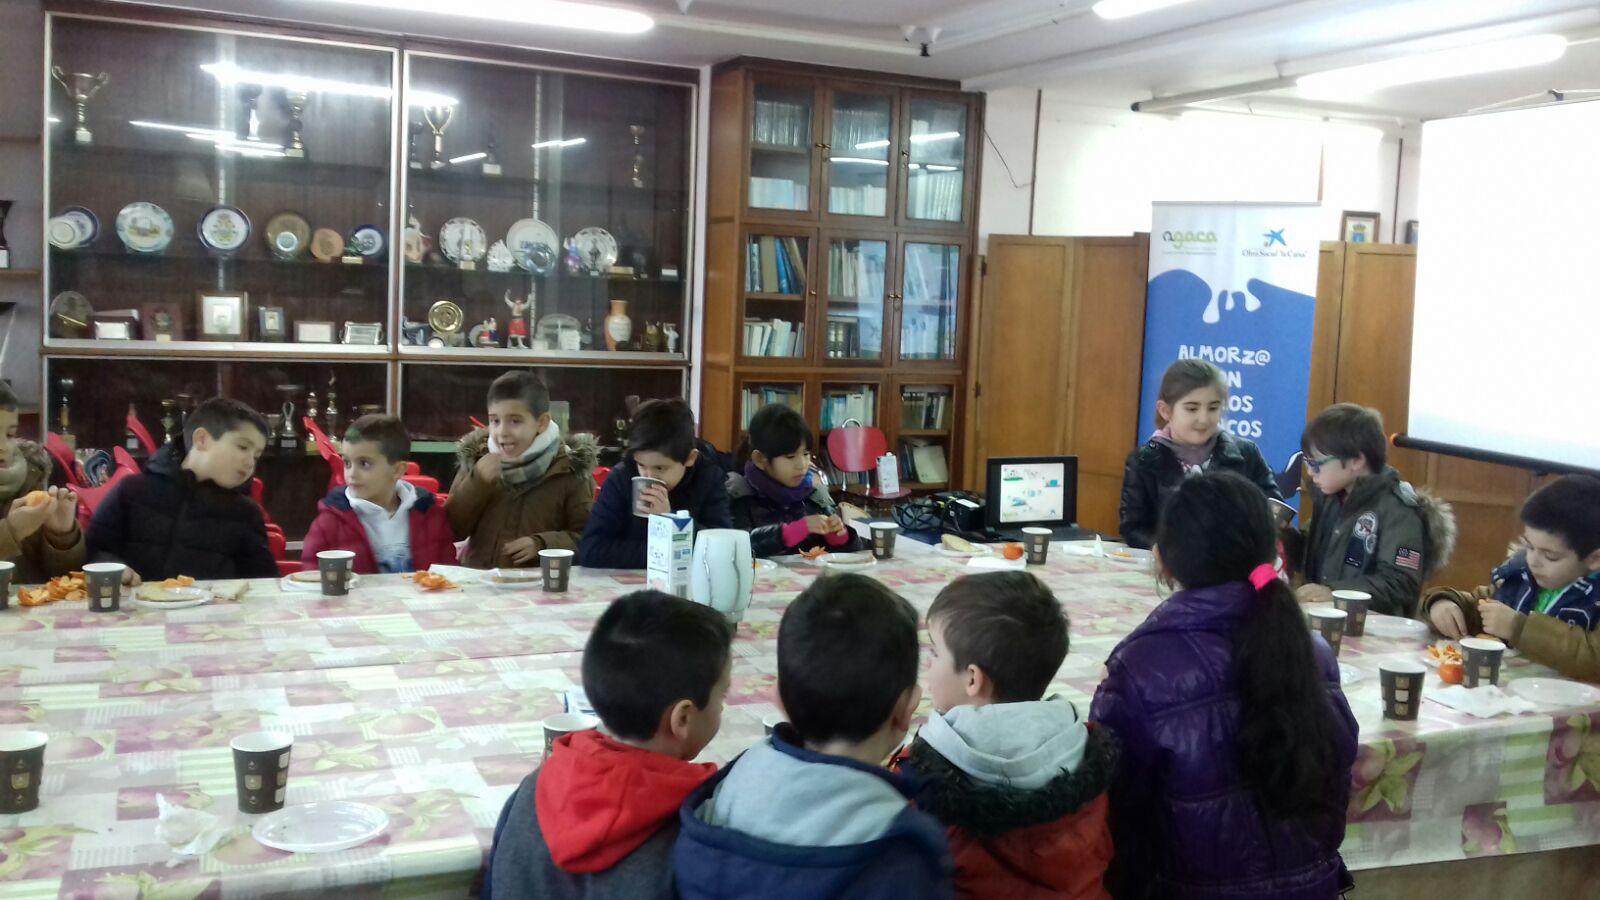 Leche, fruta y pan forman un desayuno educativo para el alumnado del CRA de Rianxo